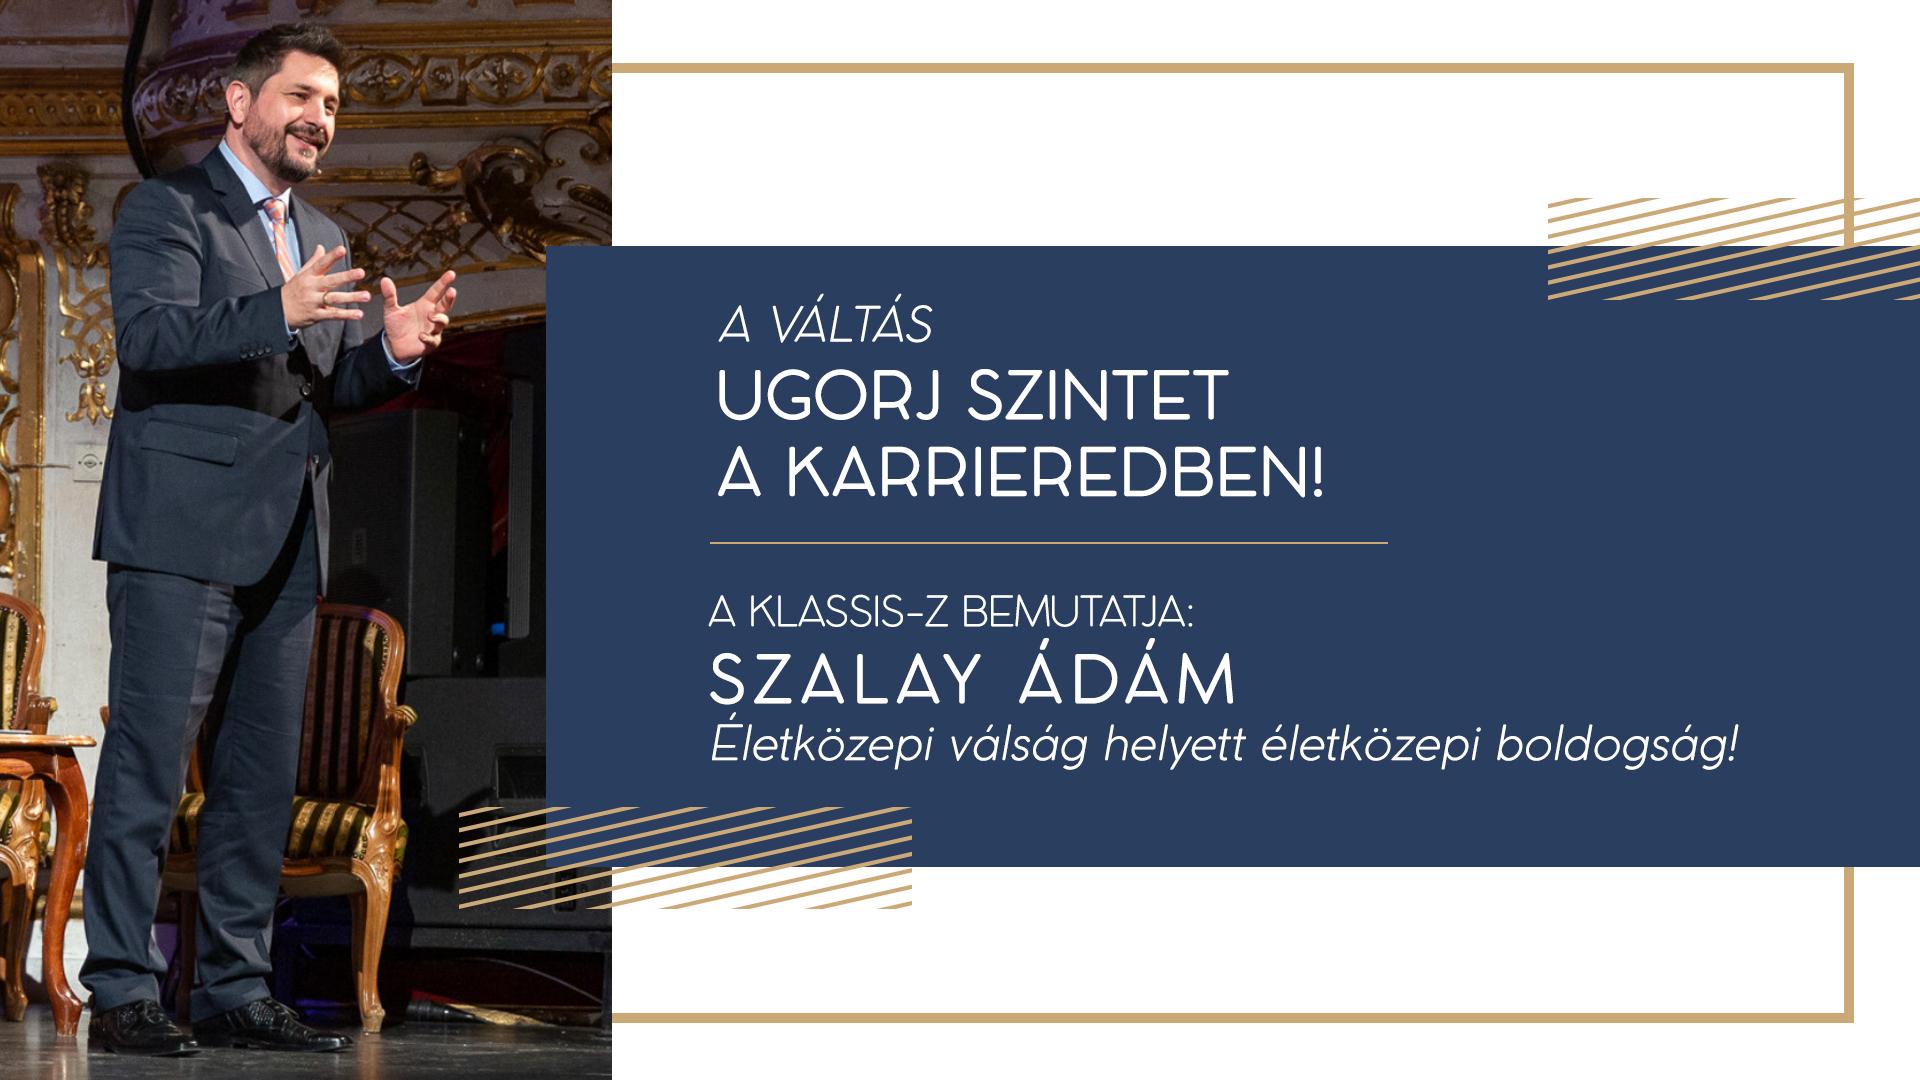 Szalay Ádám esemény új